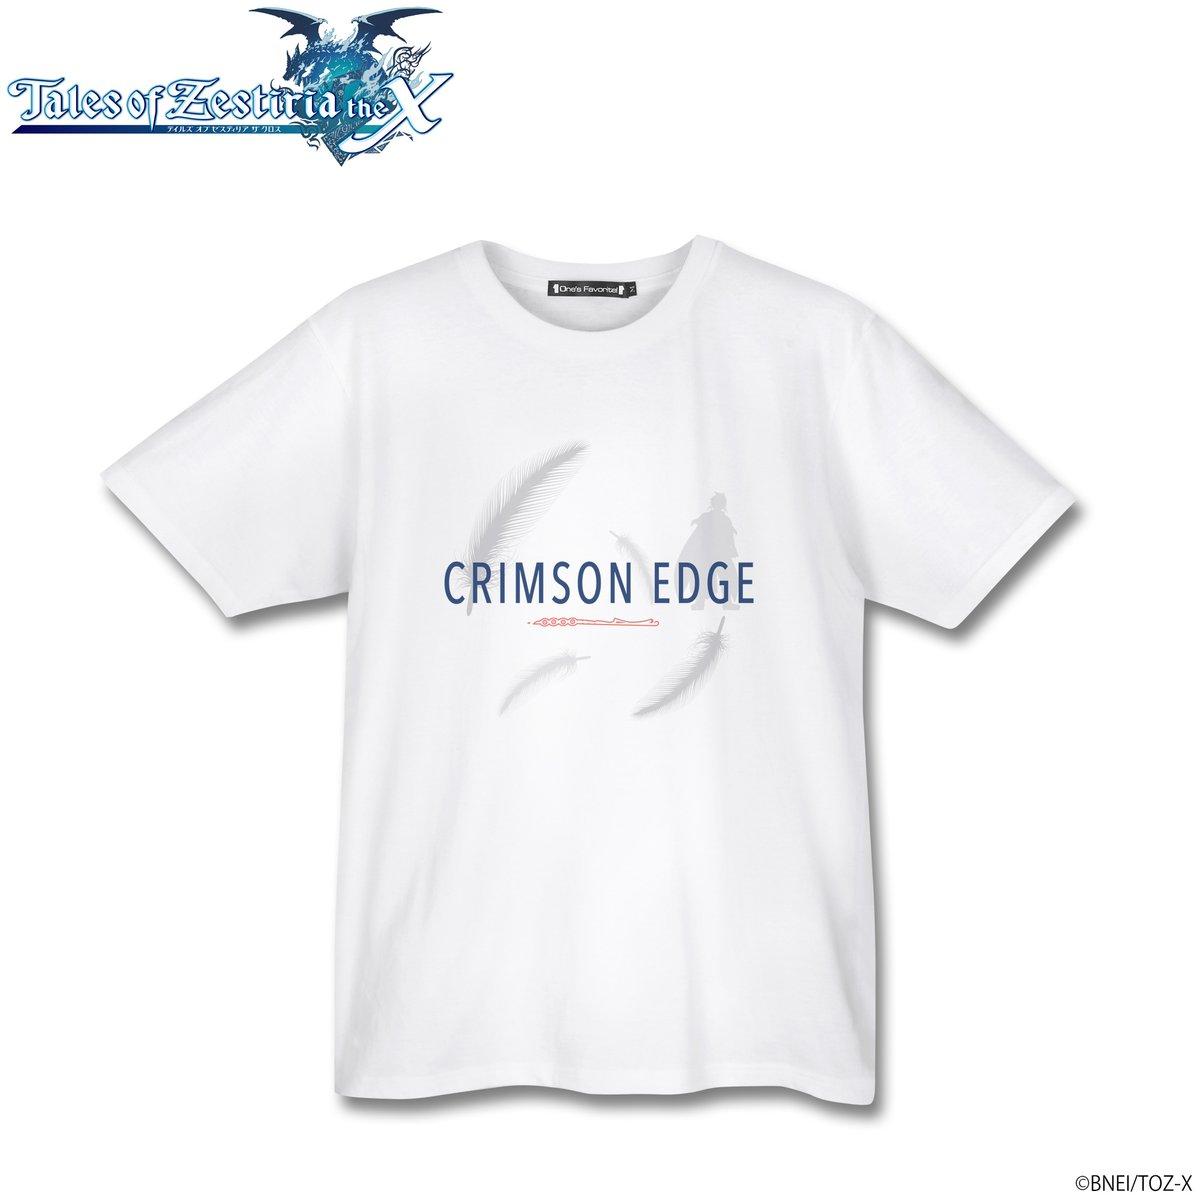 #テイルズ オブ ゼスティリア ザ クロス からキャラクターモチーフTシャツが登場!【10/6 23時までの受付はスレイ